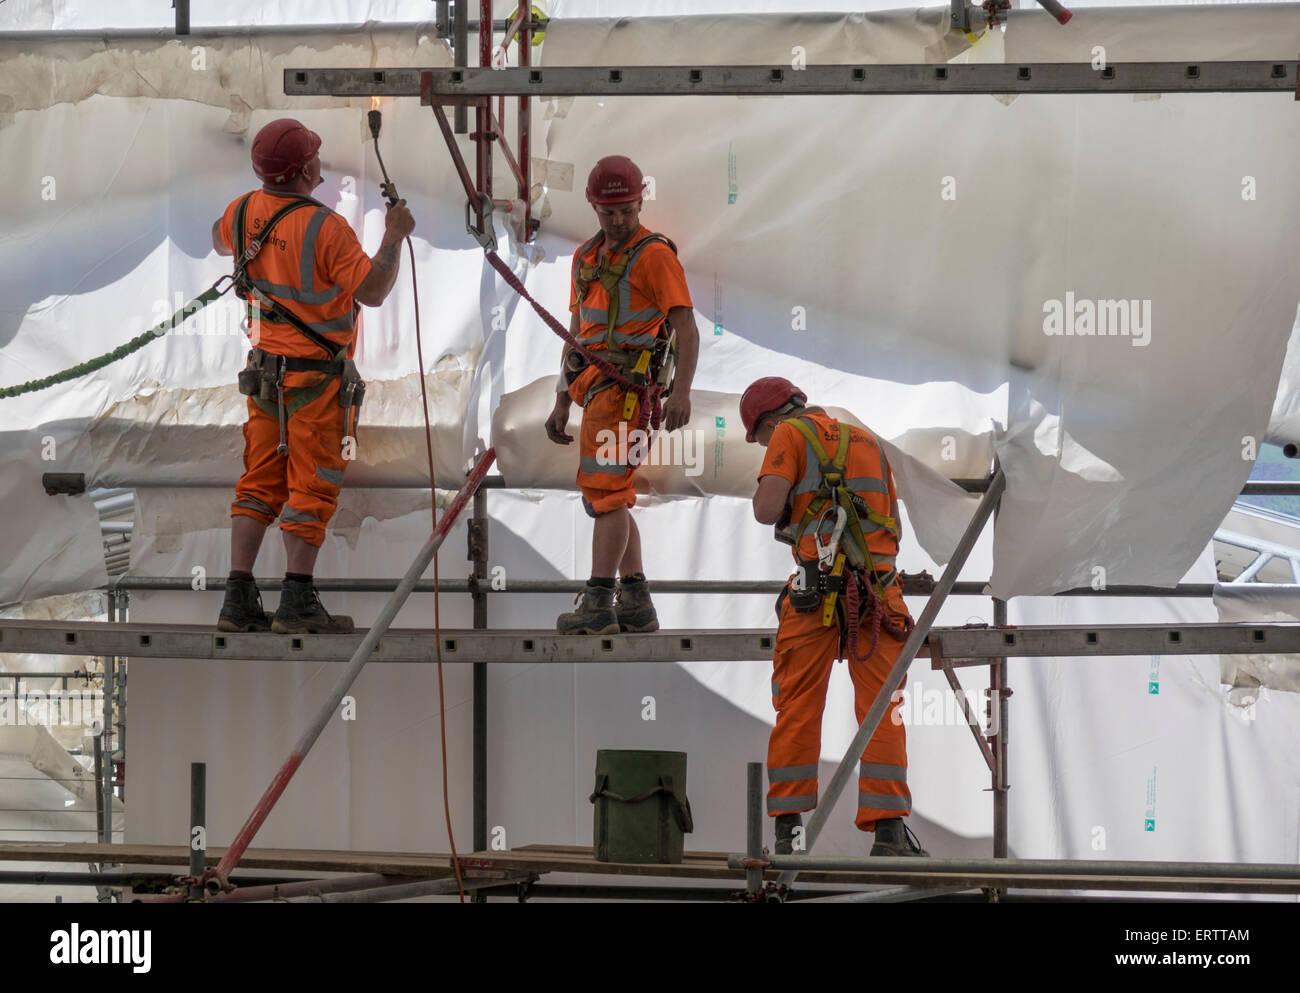 Bauarbeiter errichten Gerüste und Begrenzenden es in Kunststoff Zelt zum Schutz vor Wetter, Großbritannien Stockbild